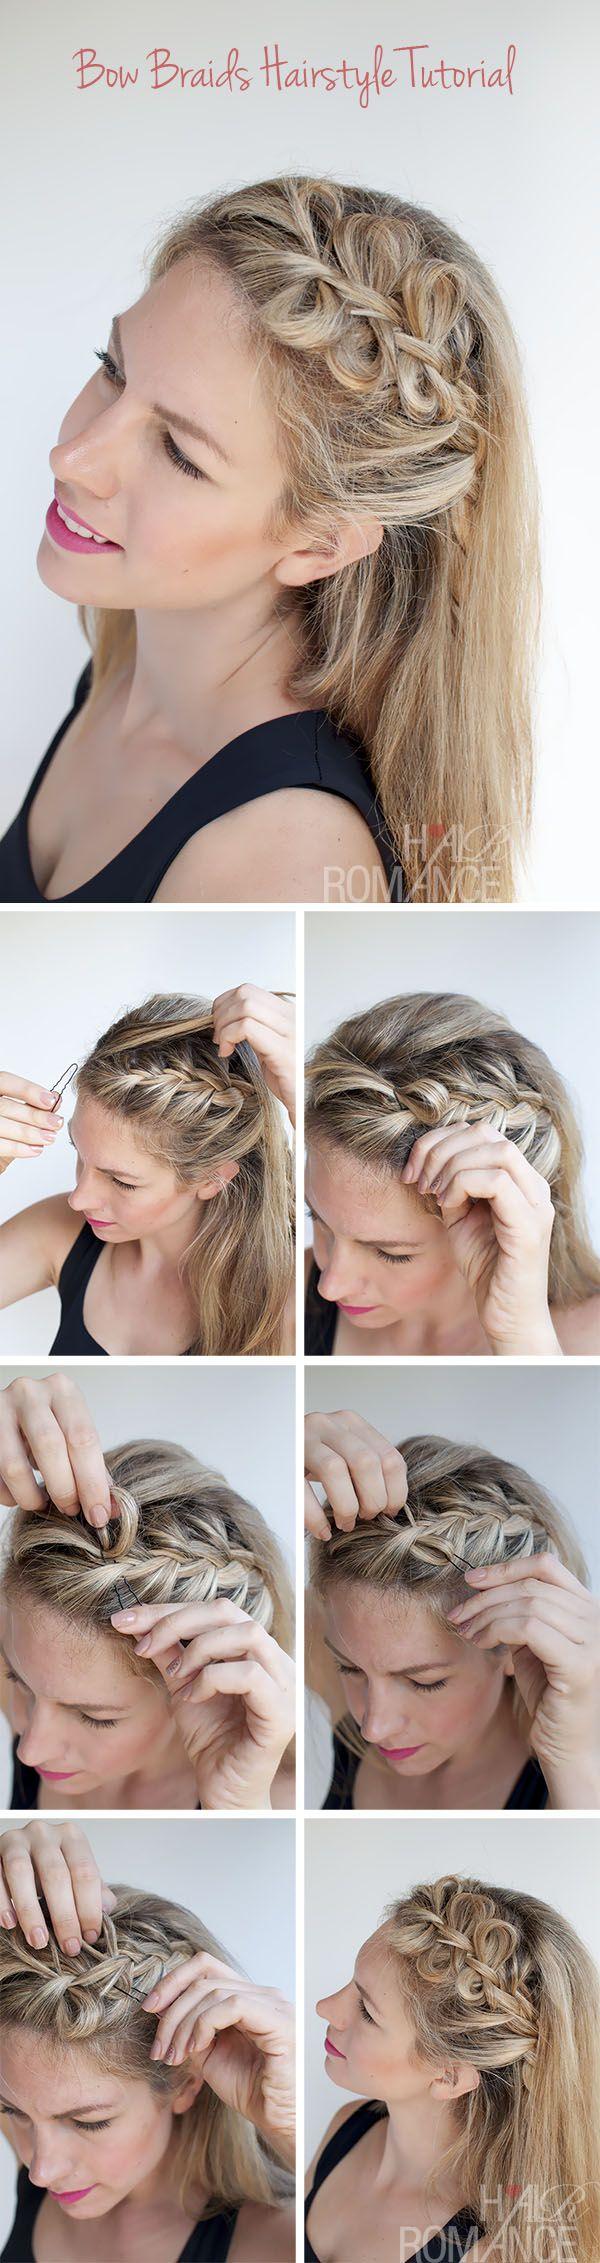 Bows braid hairstyle tutoril new hair pinterest bow braid